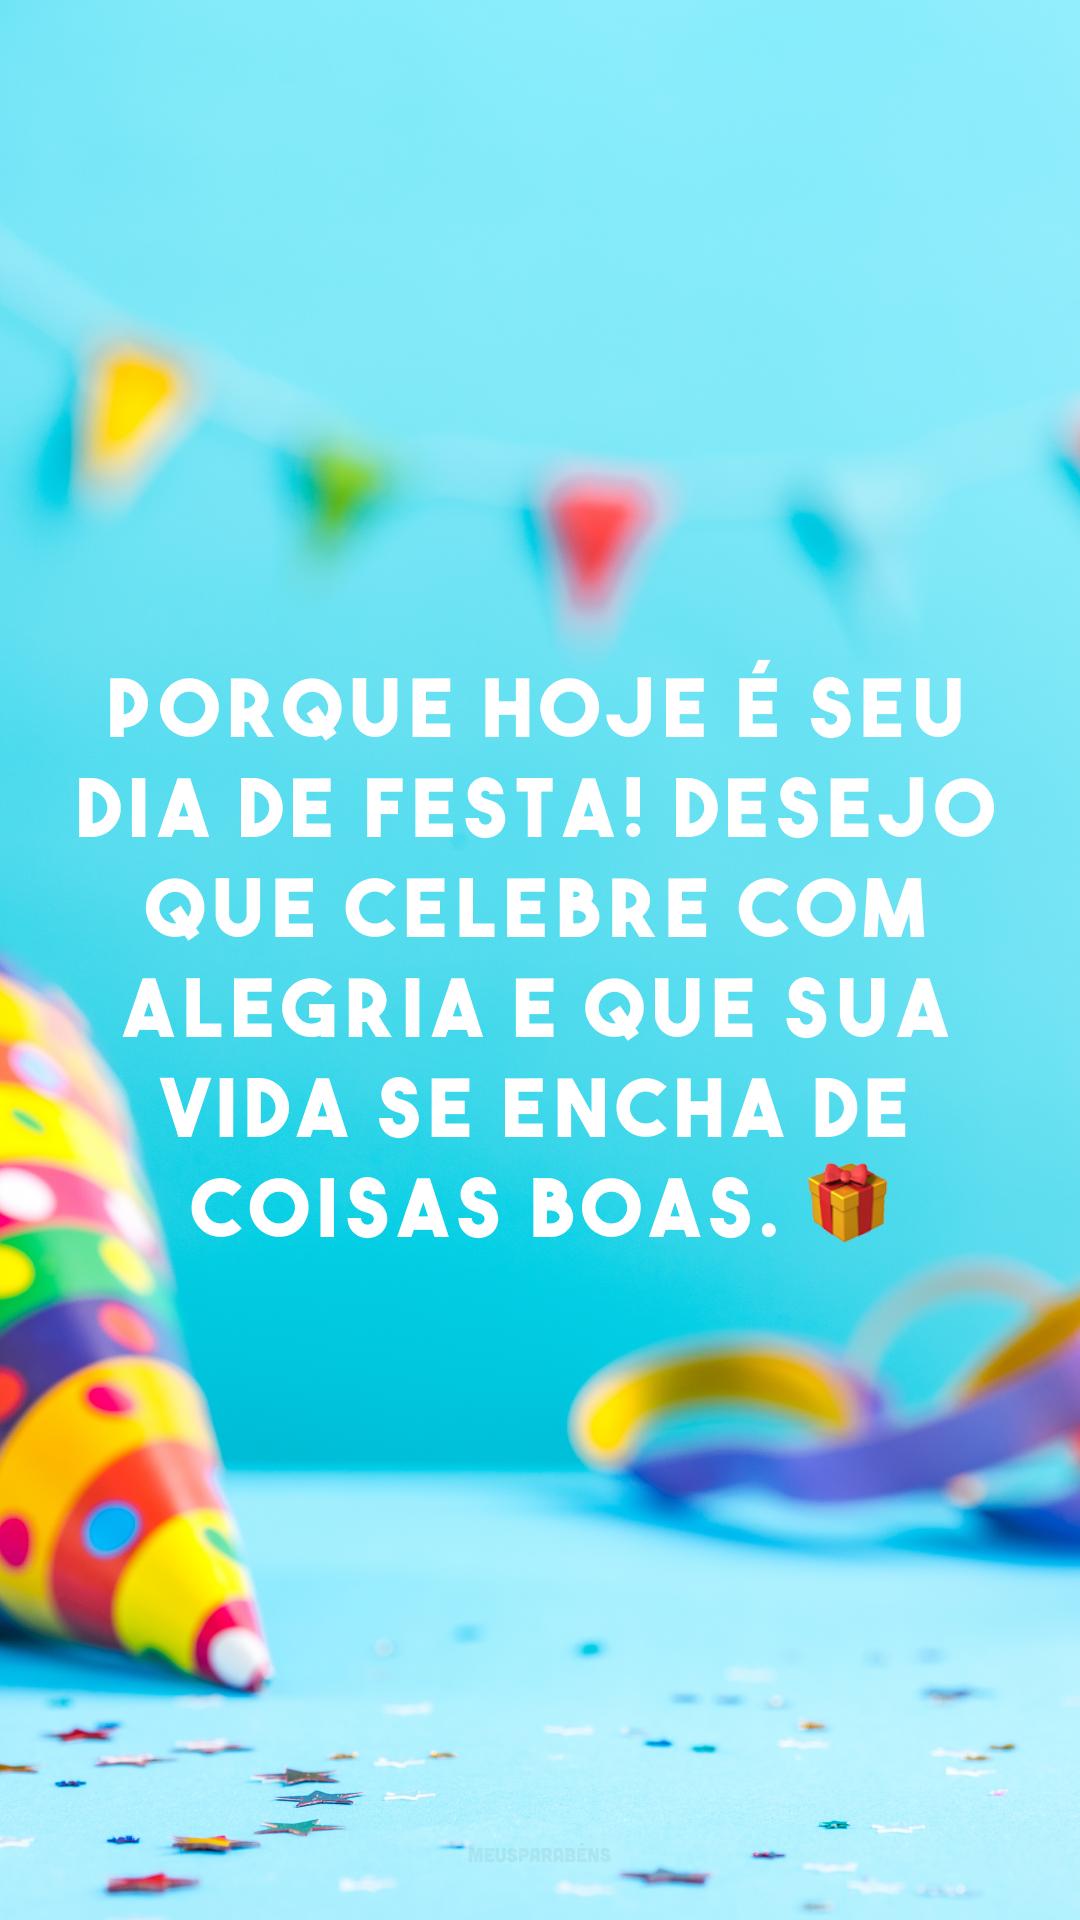 Porque hoje é seu dia de festa! Desejo que celebre com alegria e que sua vida se encha de coisas boas. ?